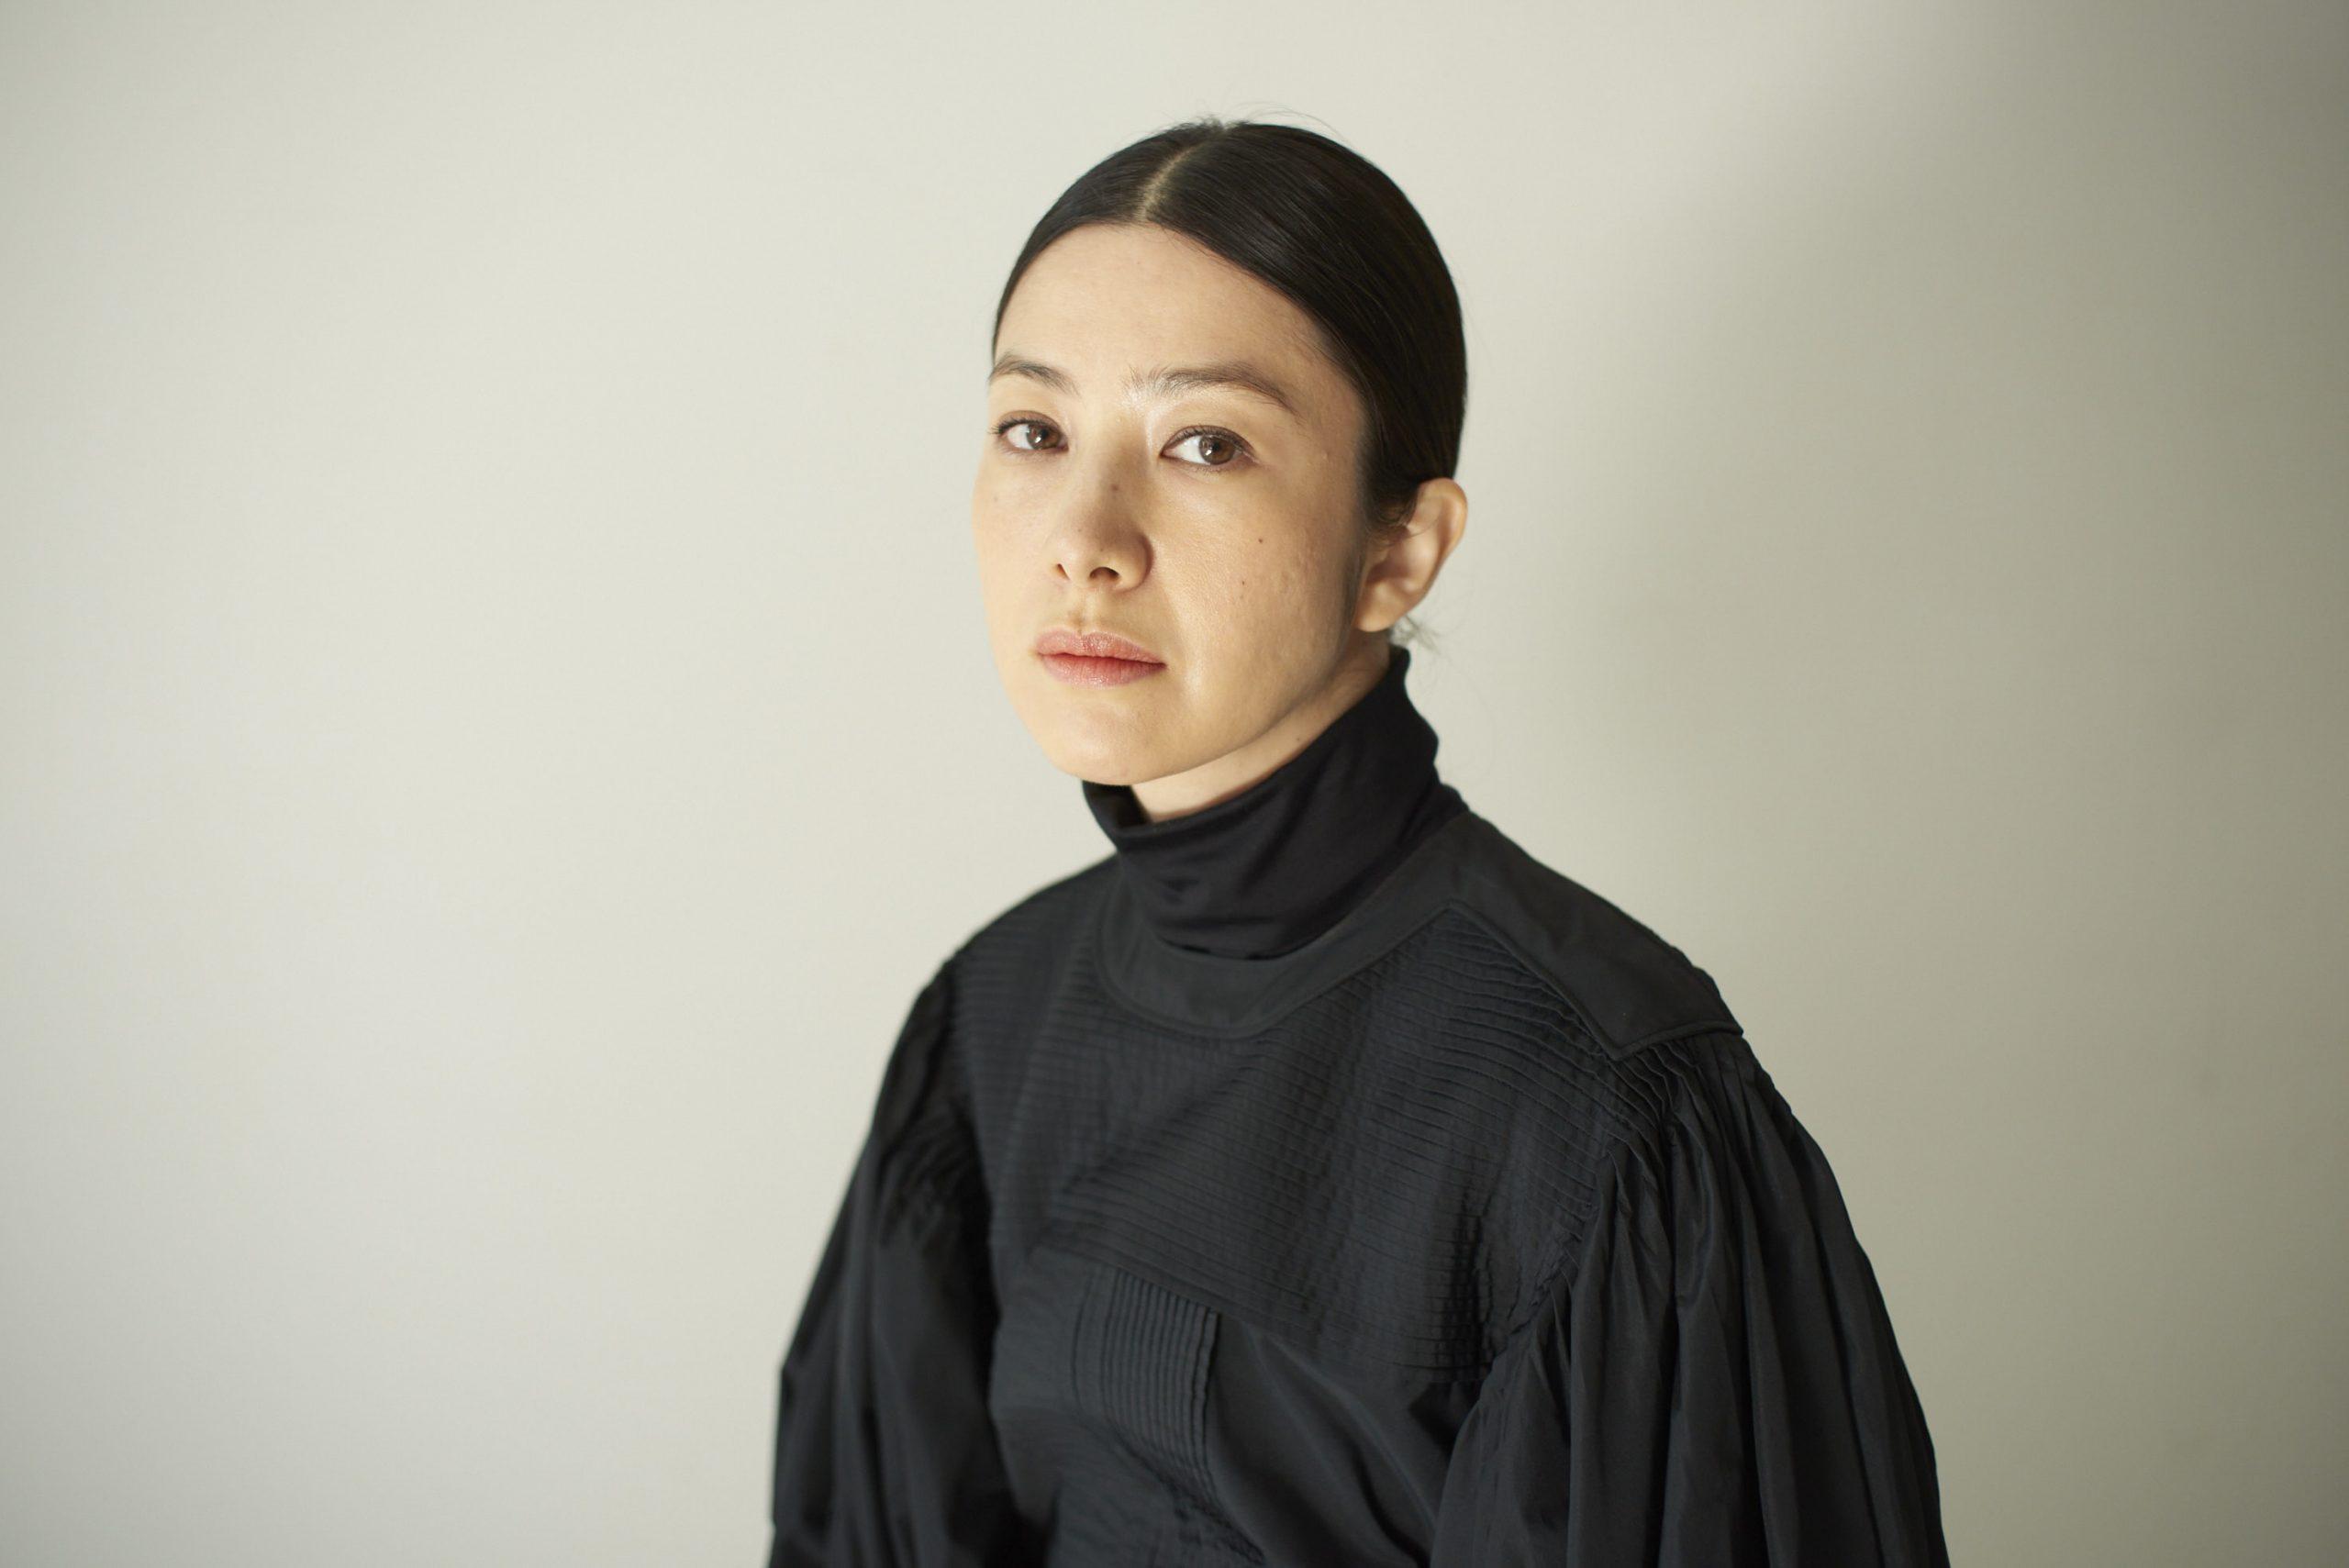 斉藤美恵わんぴモデル2